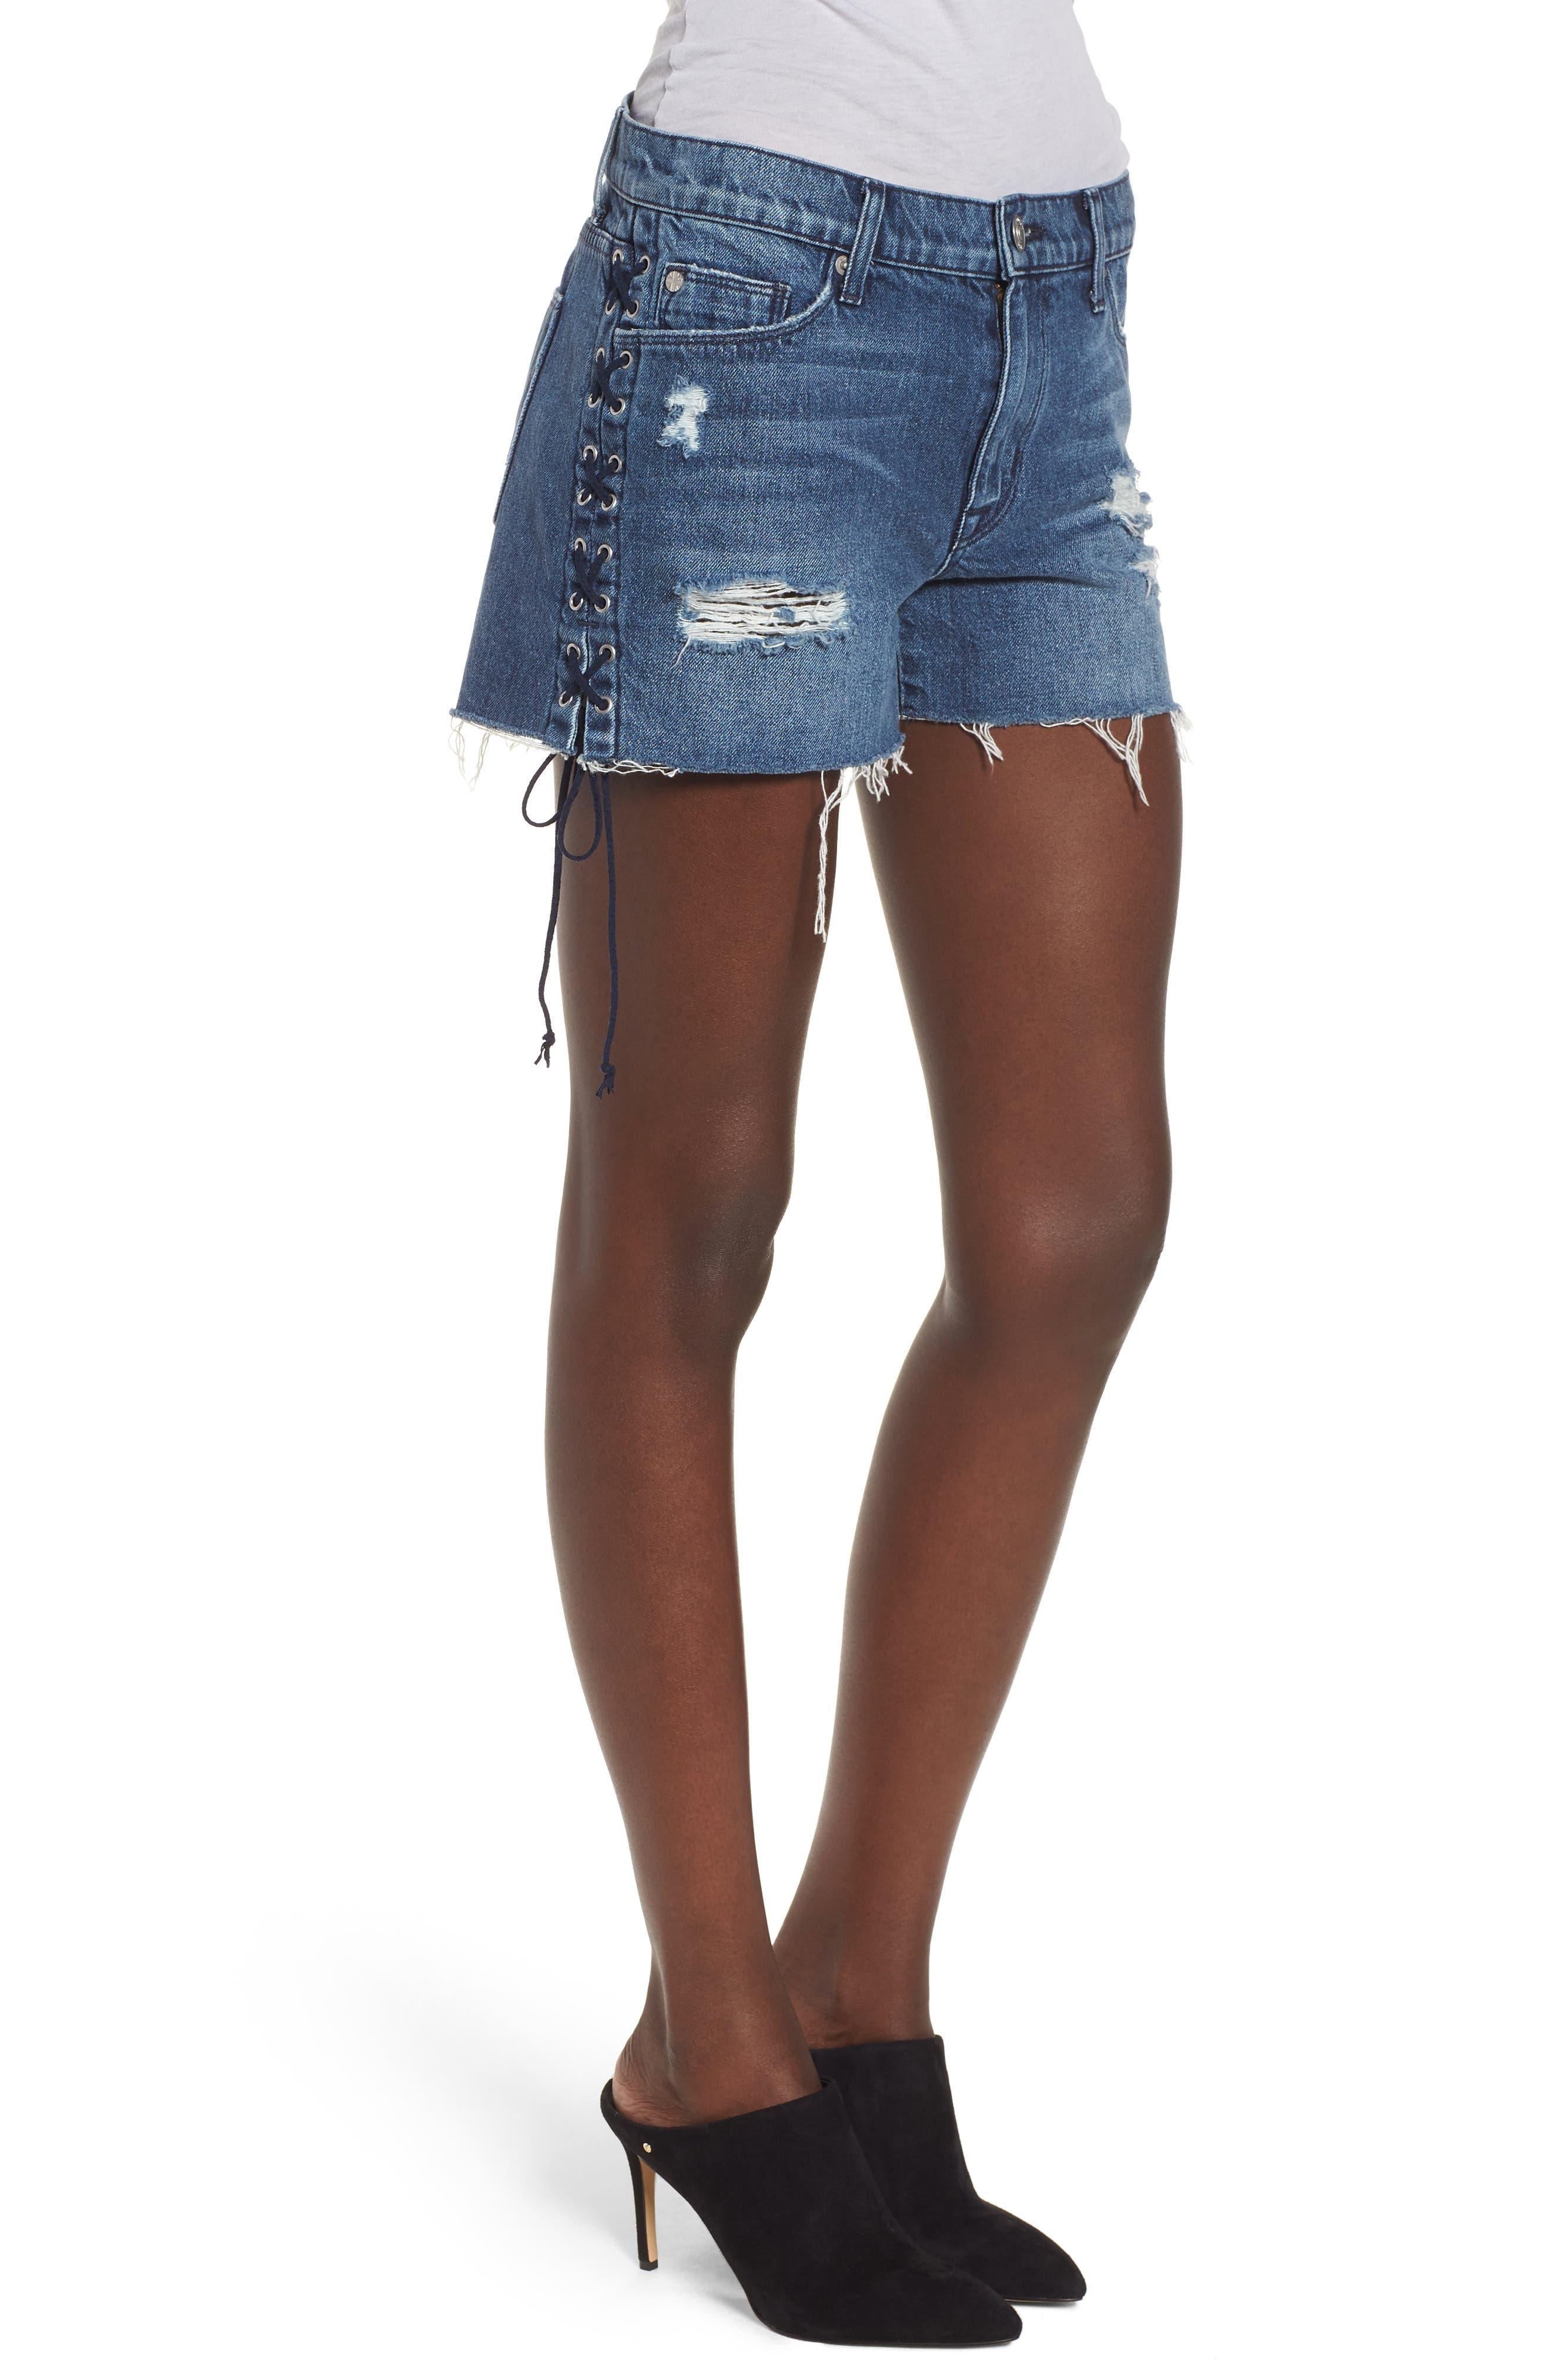 Alternate Image 3  - Hudson Jeans Sade Lace-Up Cutoff Denim Shorts (Topaz)